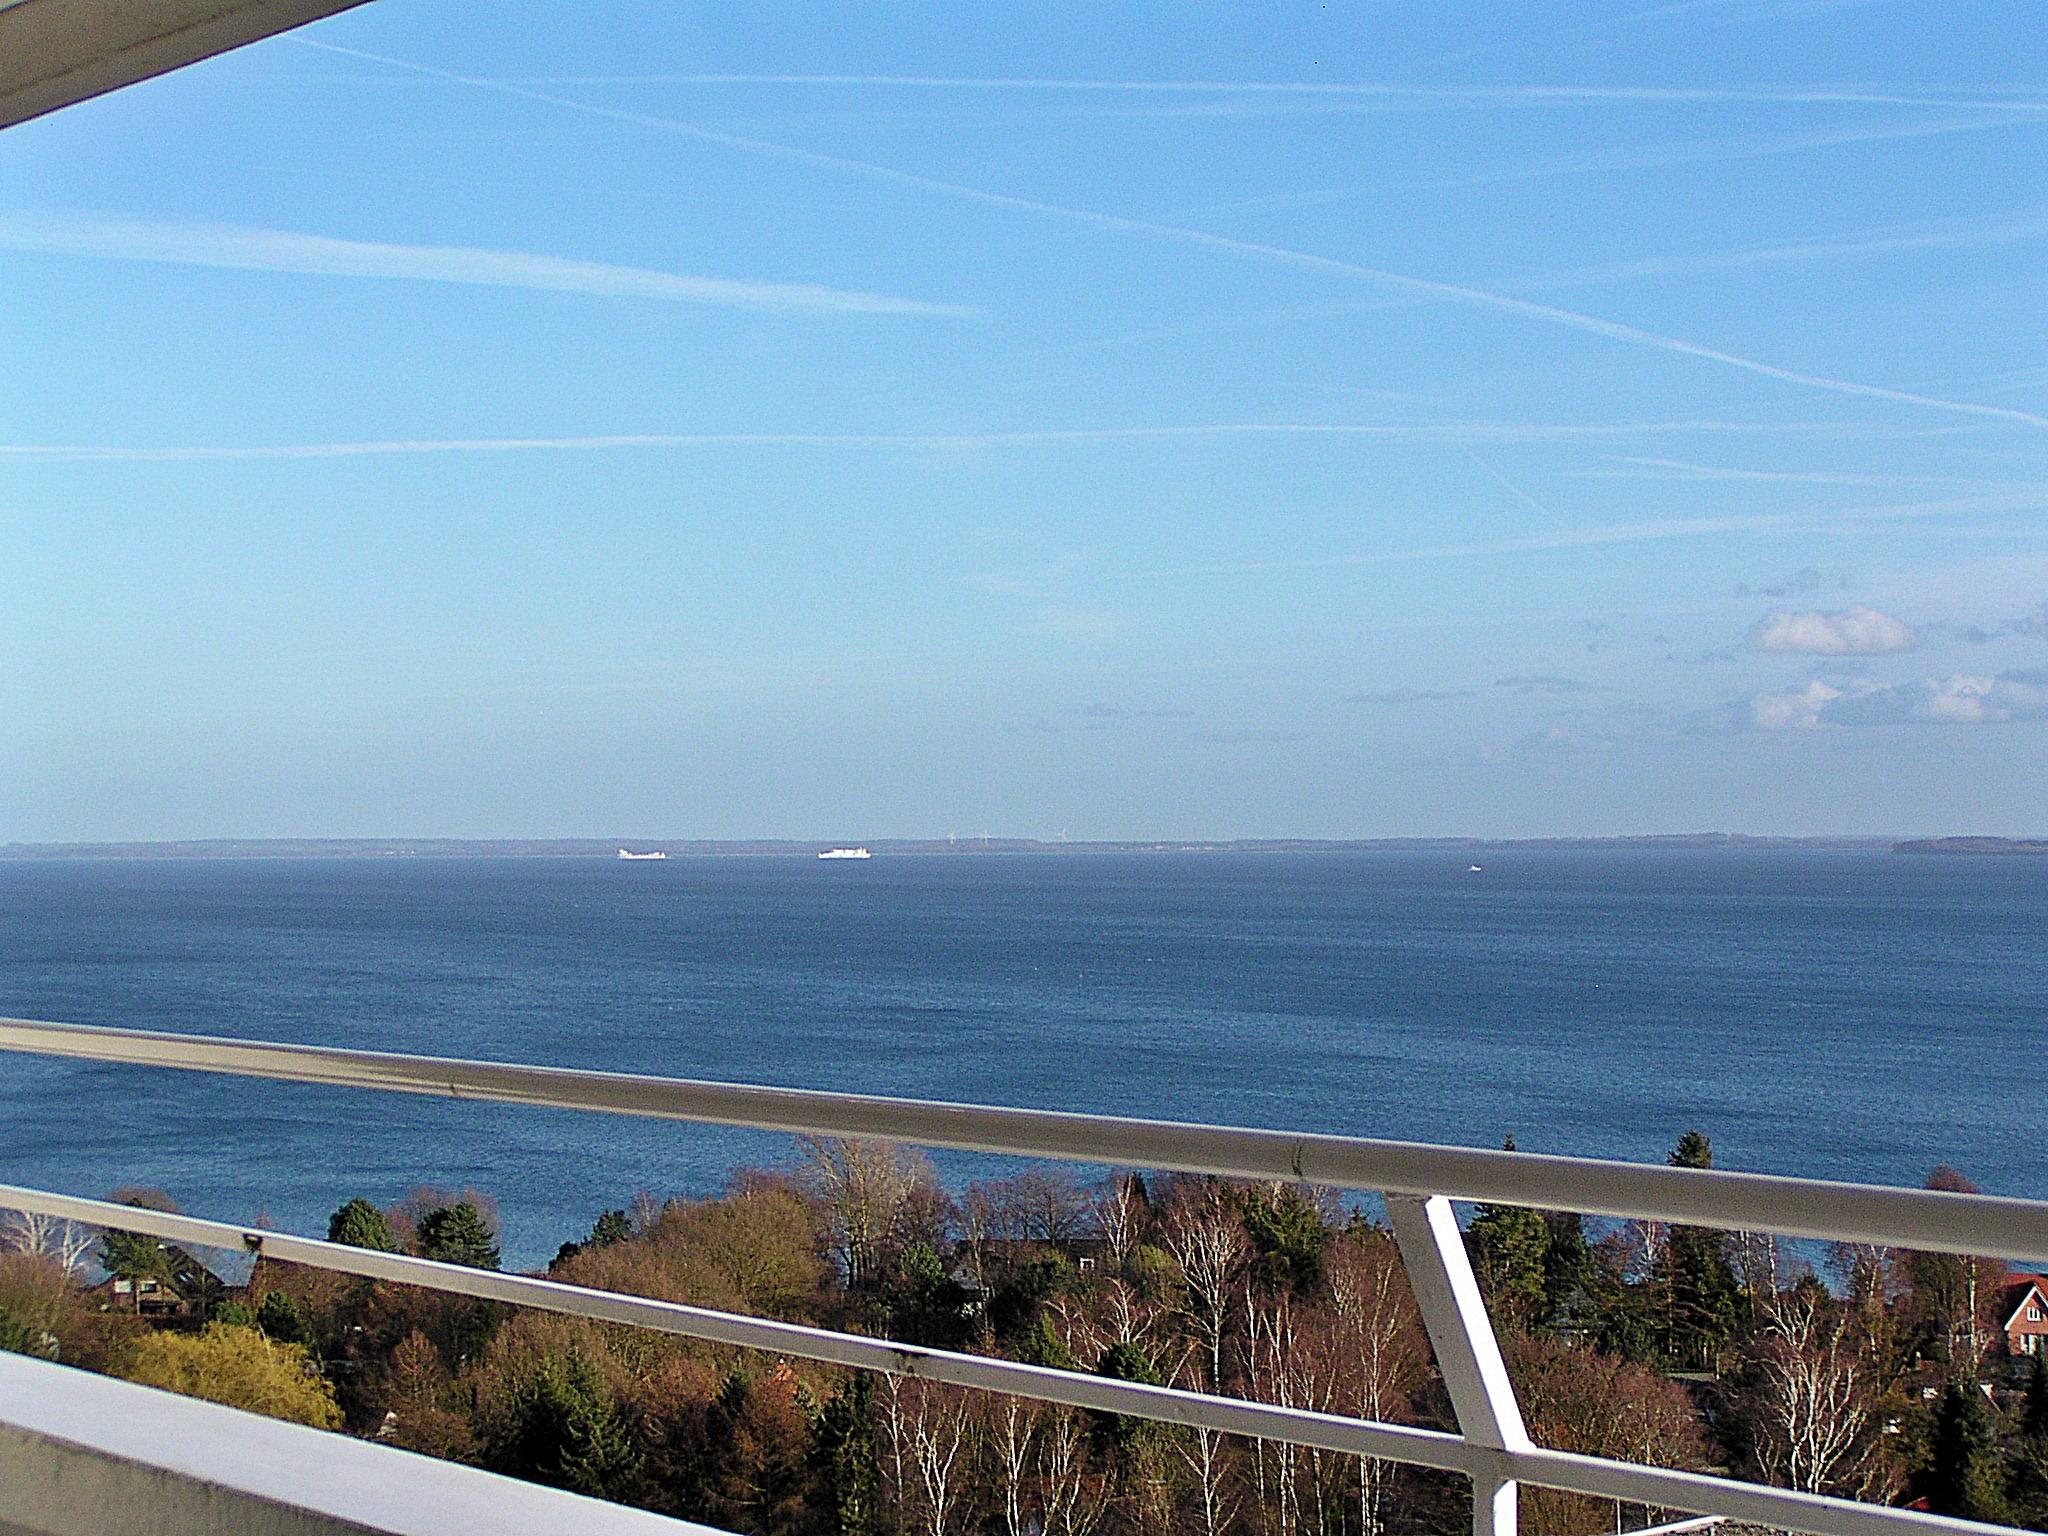 Blick auf Fahrrinne mit vielen Schiffen